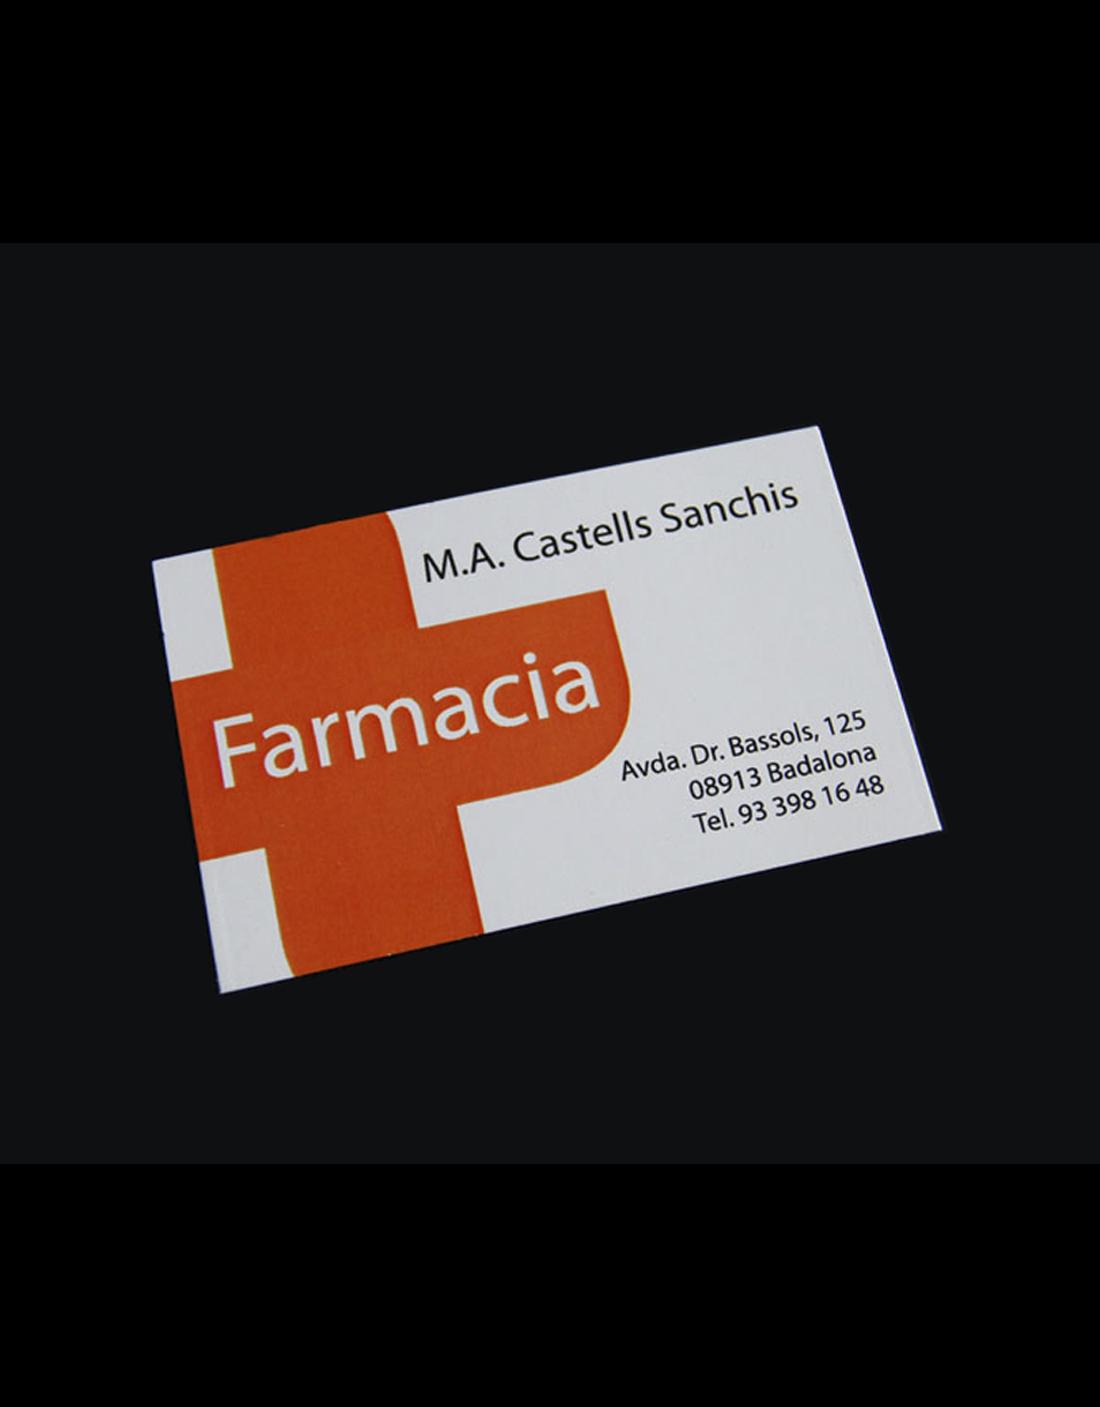 Tarjeta farmacia M.A. Castells Sanchis